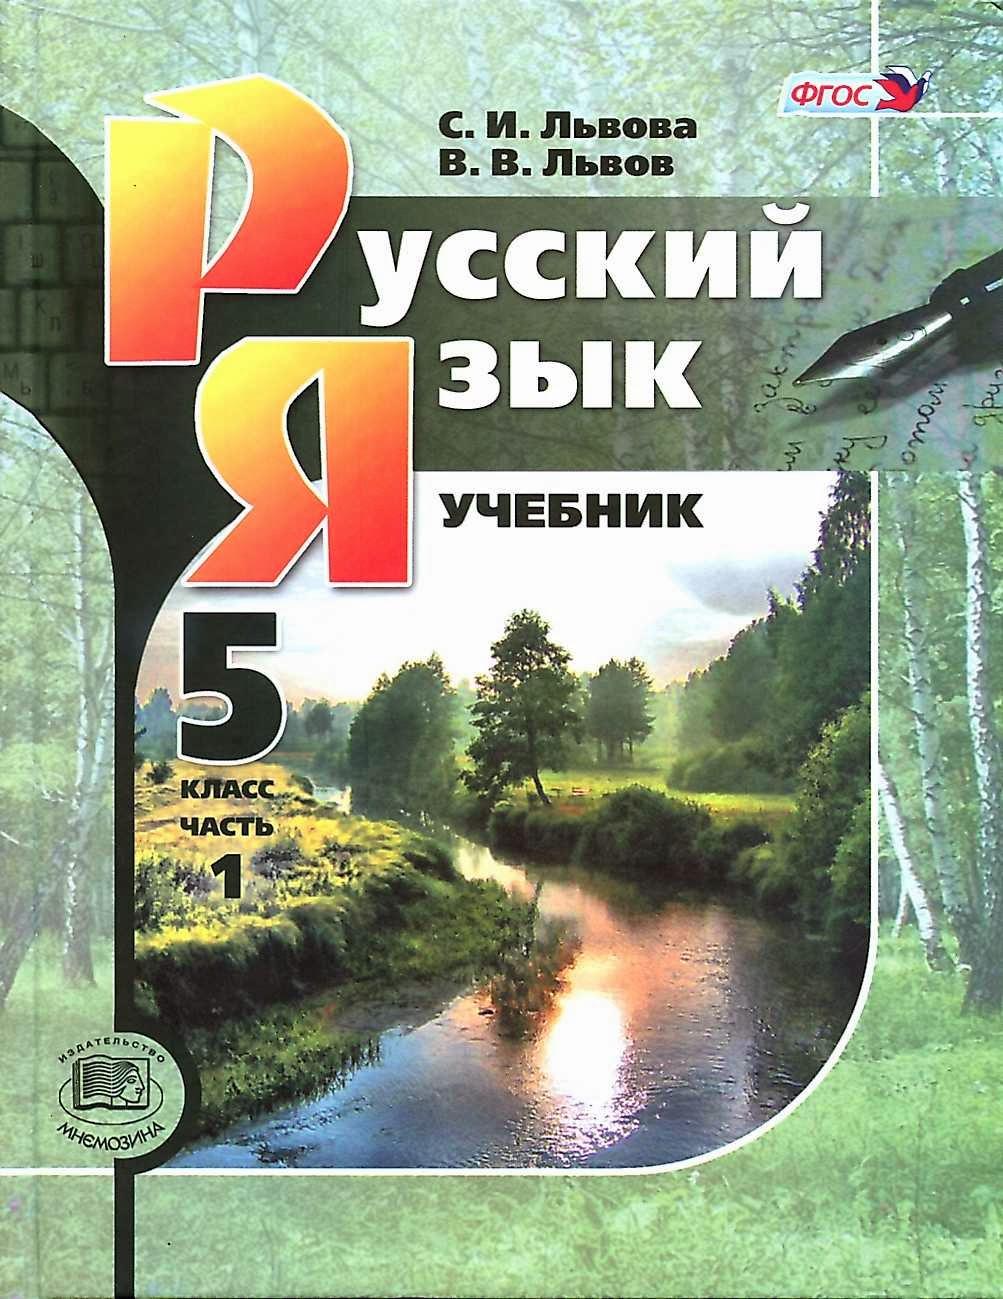 гдз по русскому языку львова и львов 5 класс